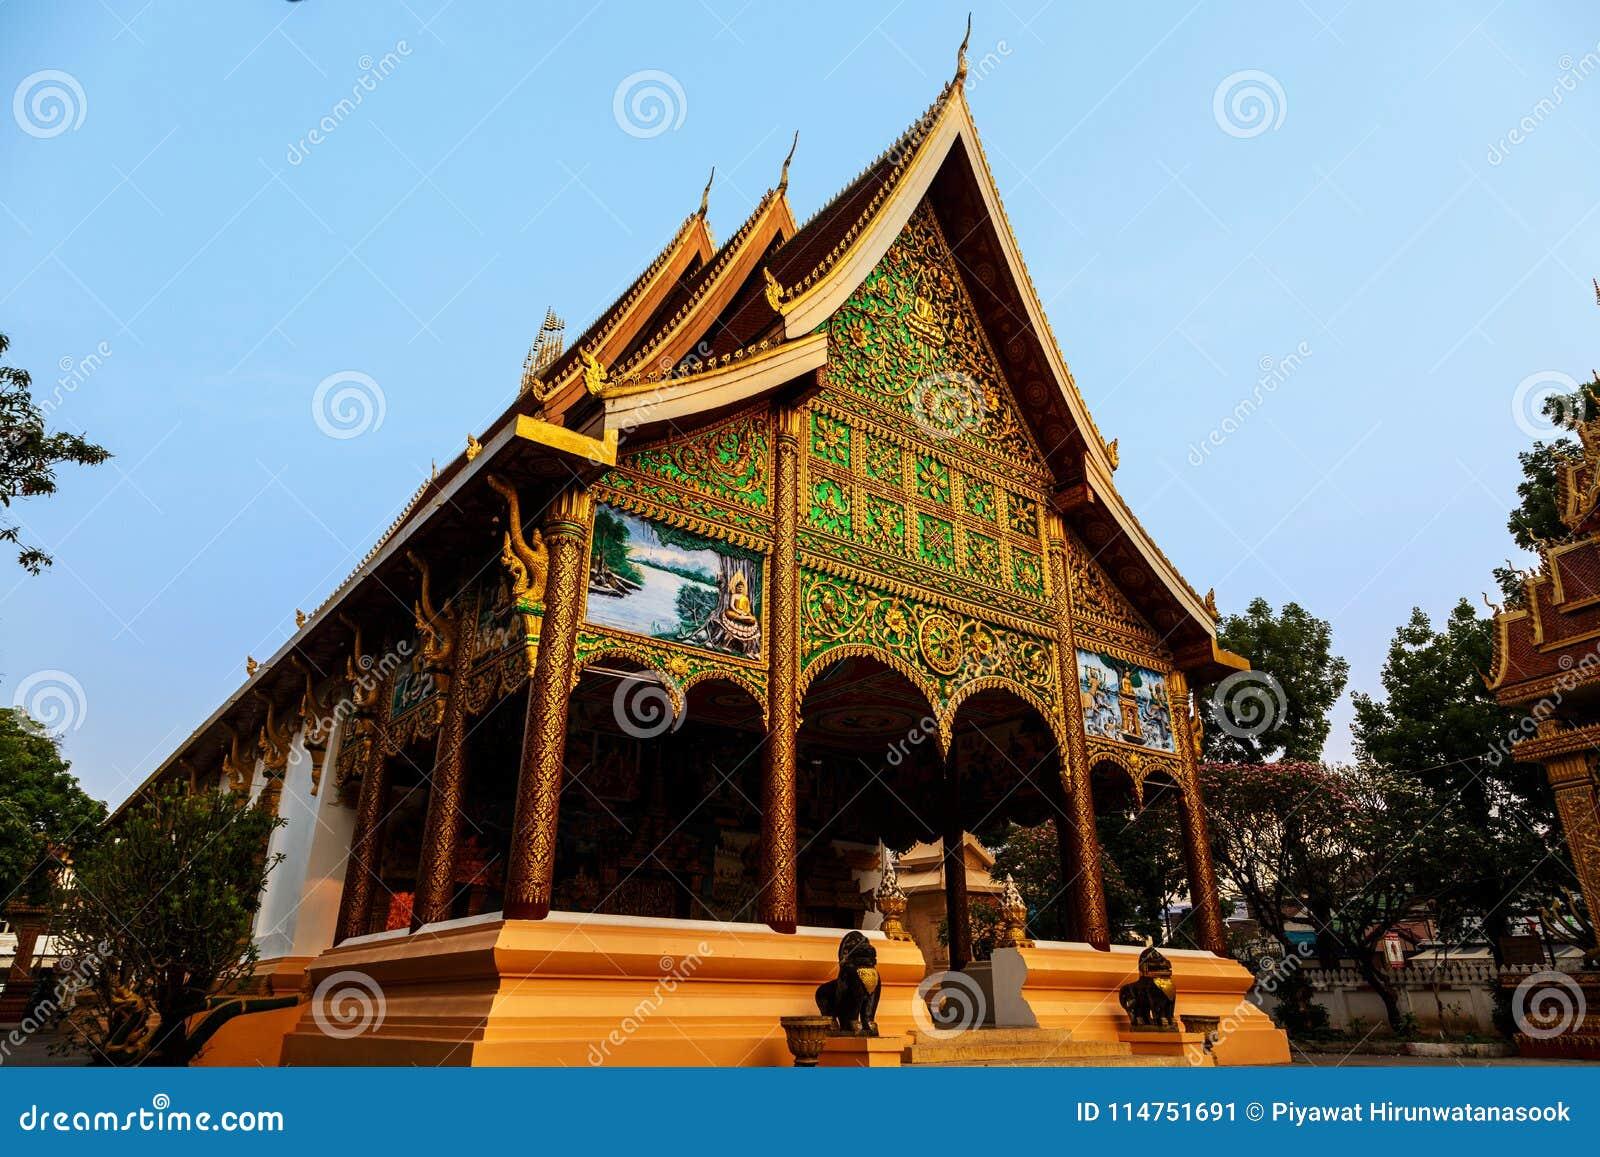 Solsken på dörr av den forntida templet på ett historiskt ställe av Luang Prabang